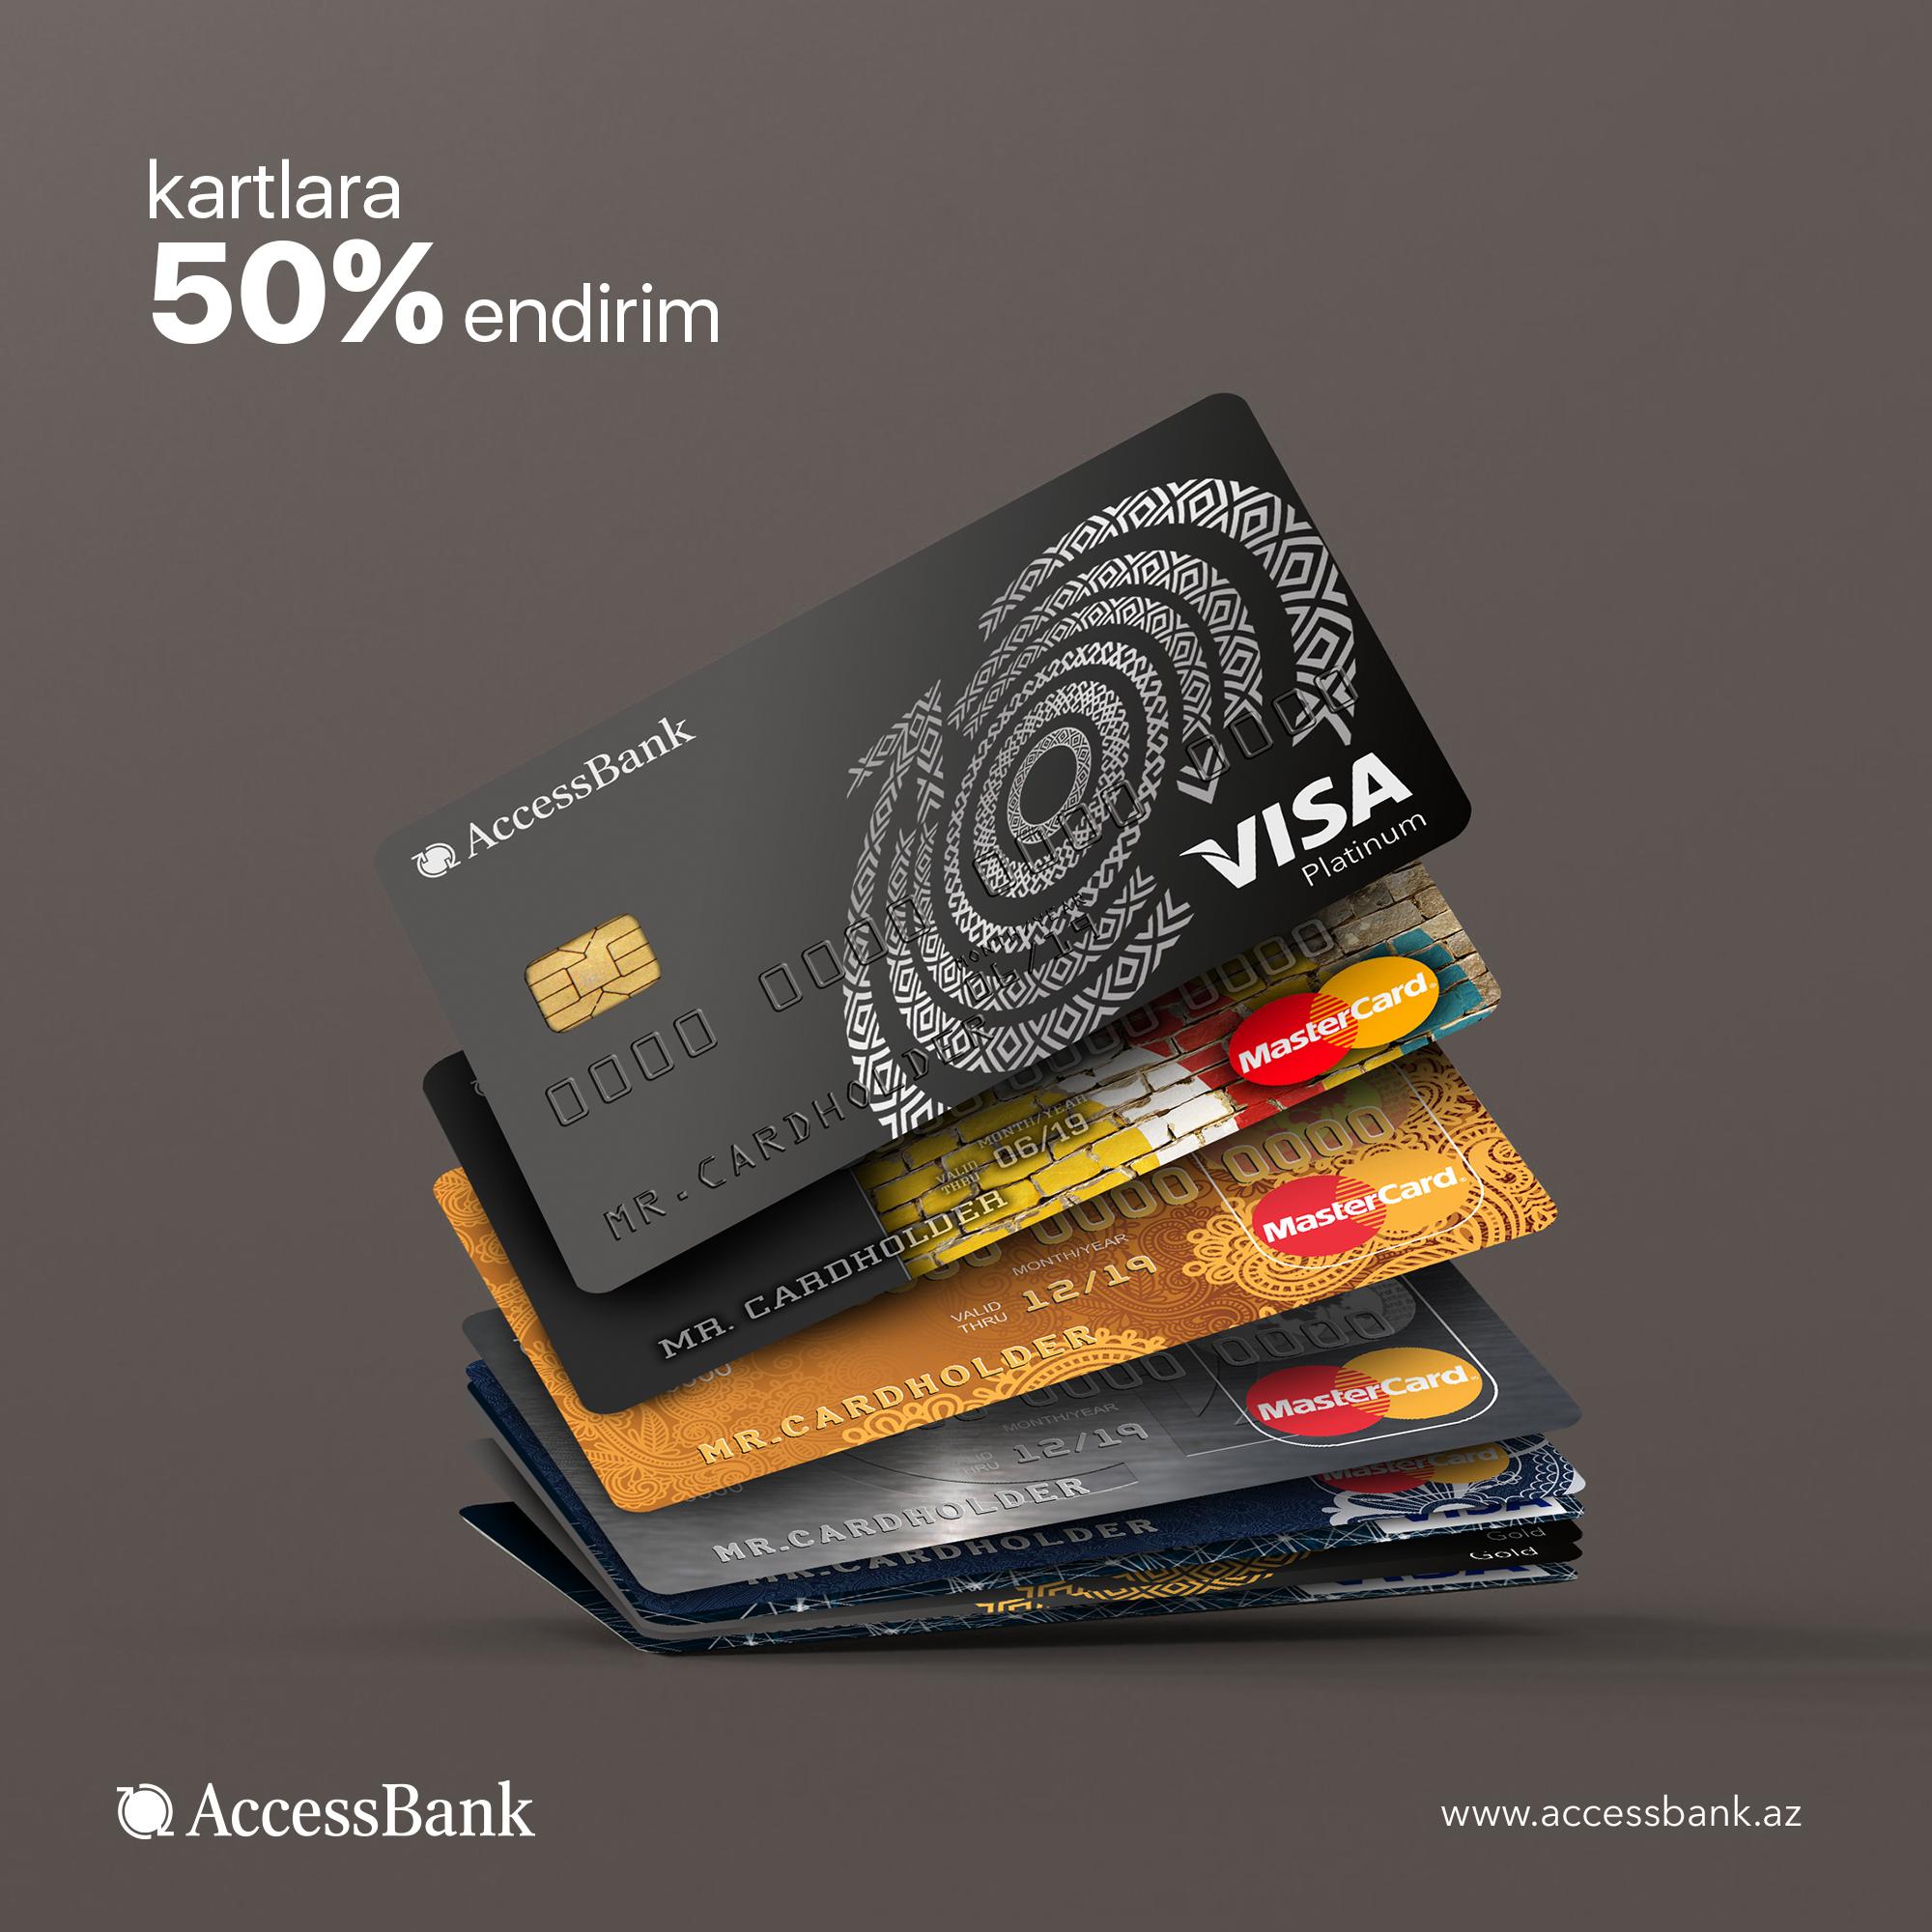 AccessBank-ın kartlarını yarı qiymətə əldə et!